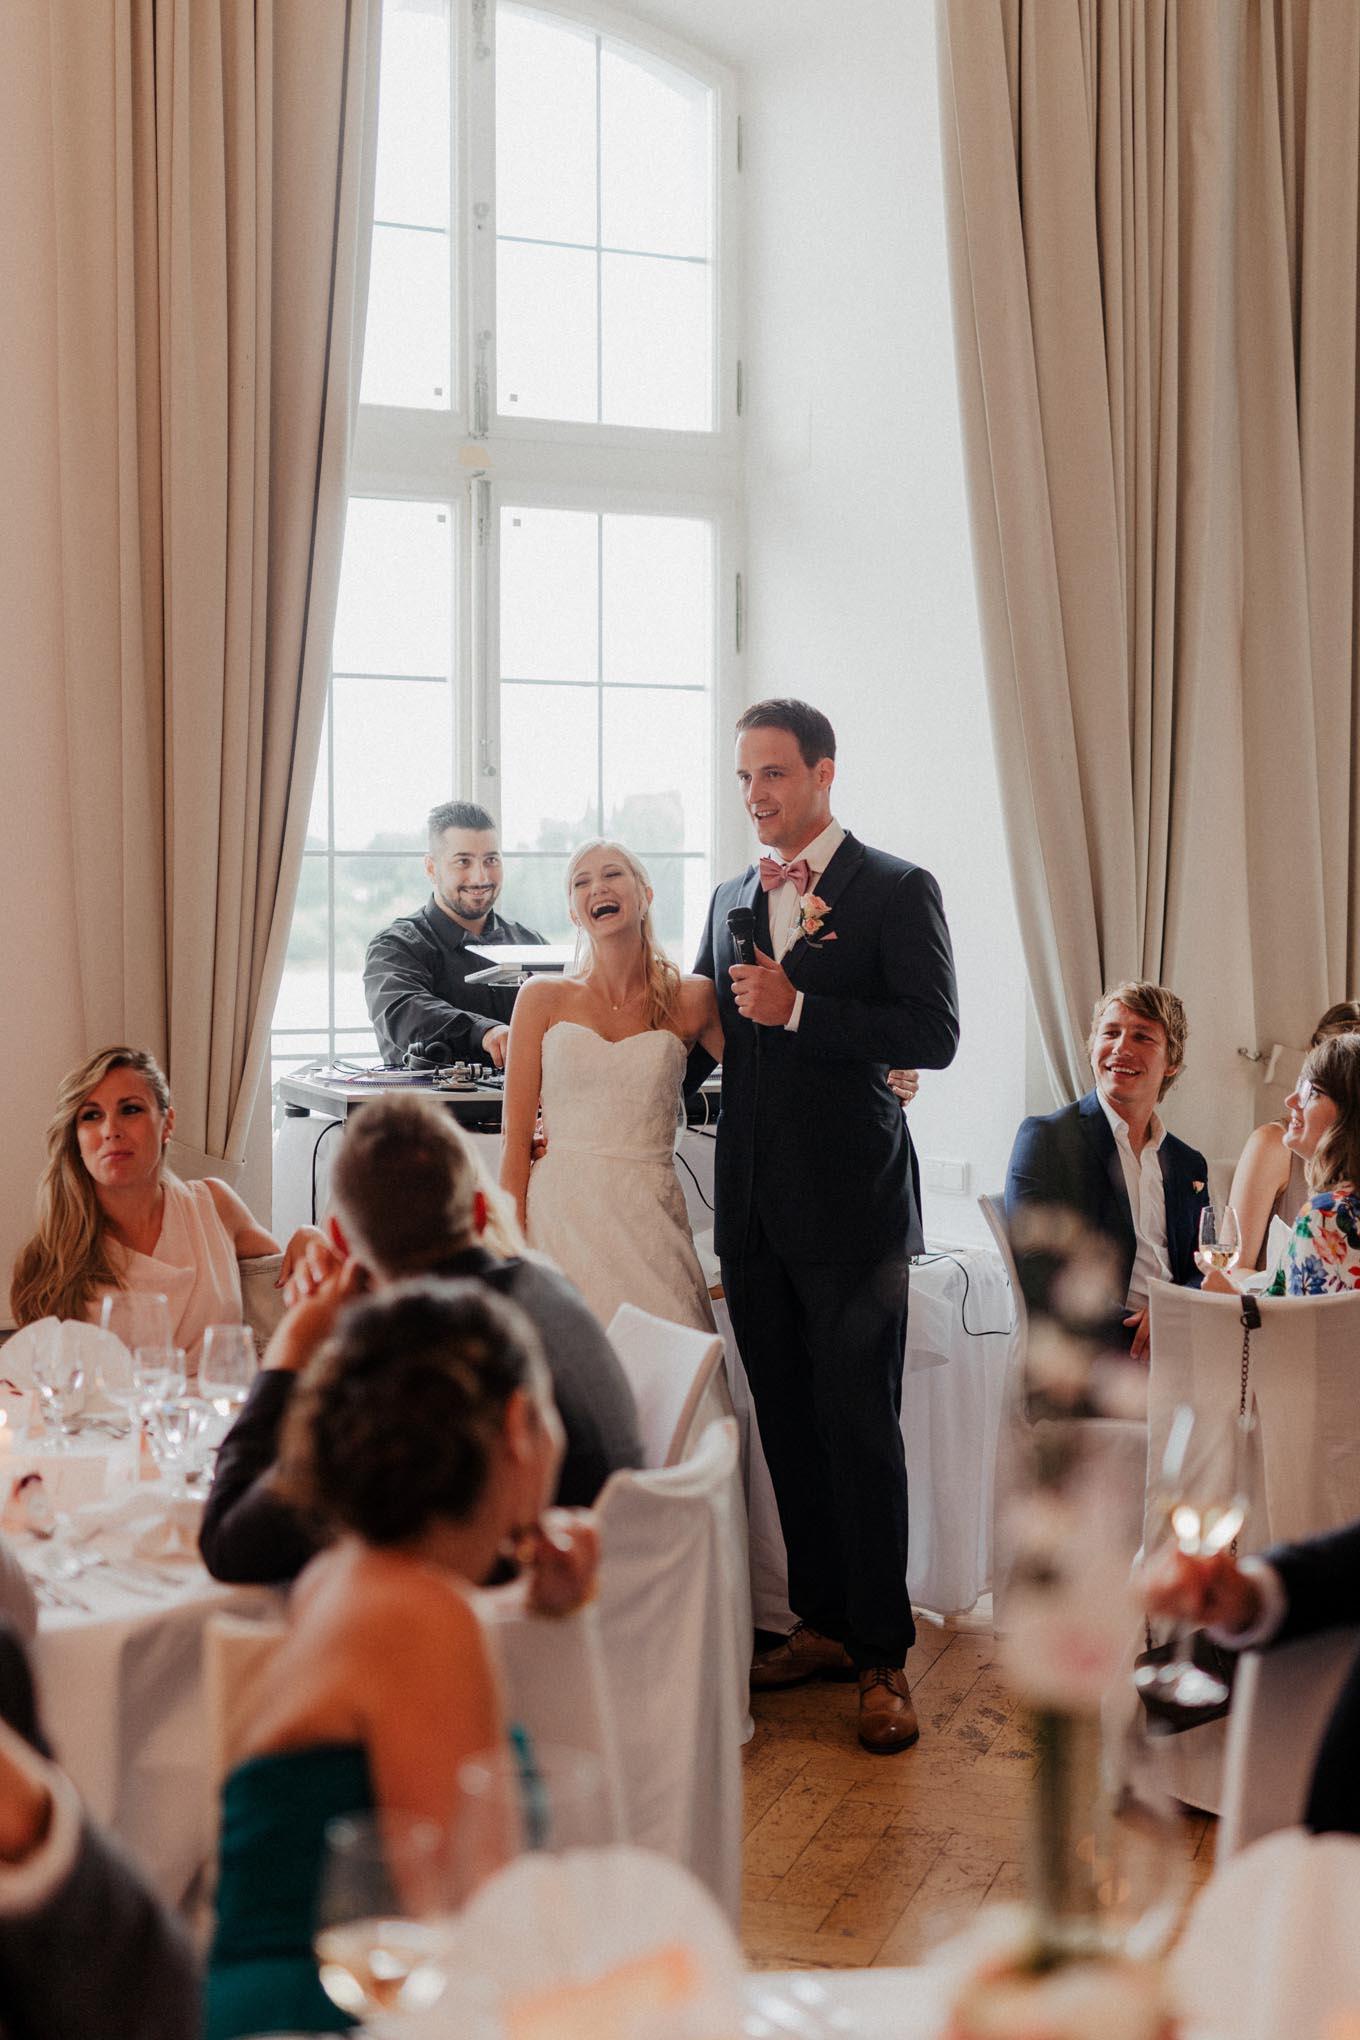 Brautpaar hält Rede auf Hochzeitsfeier